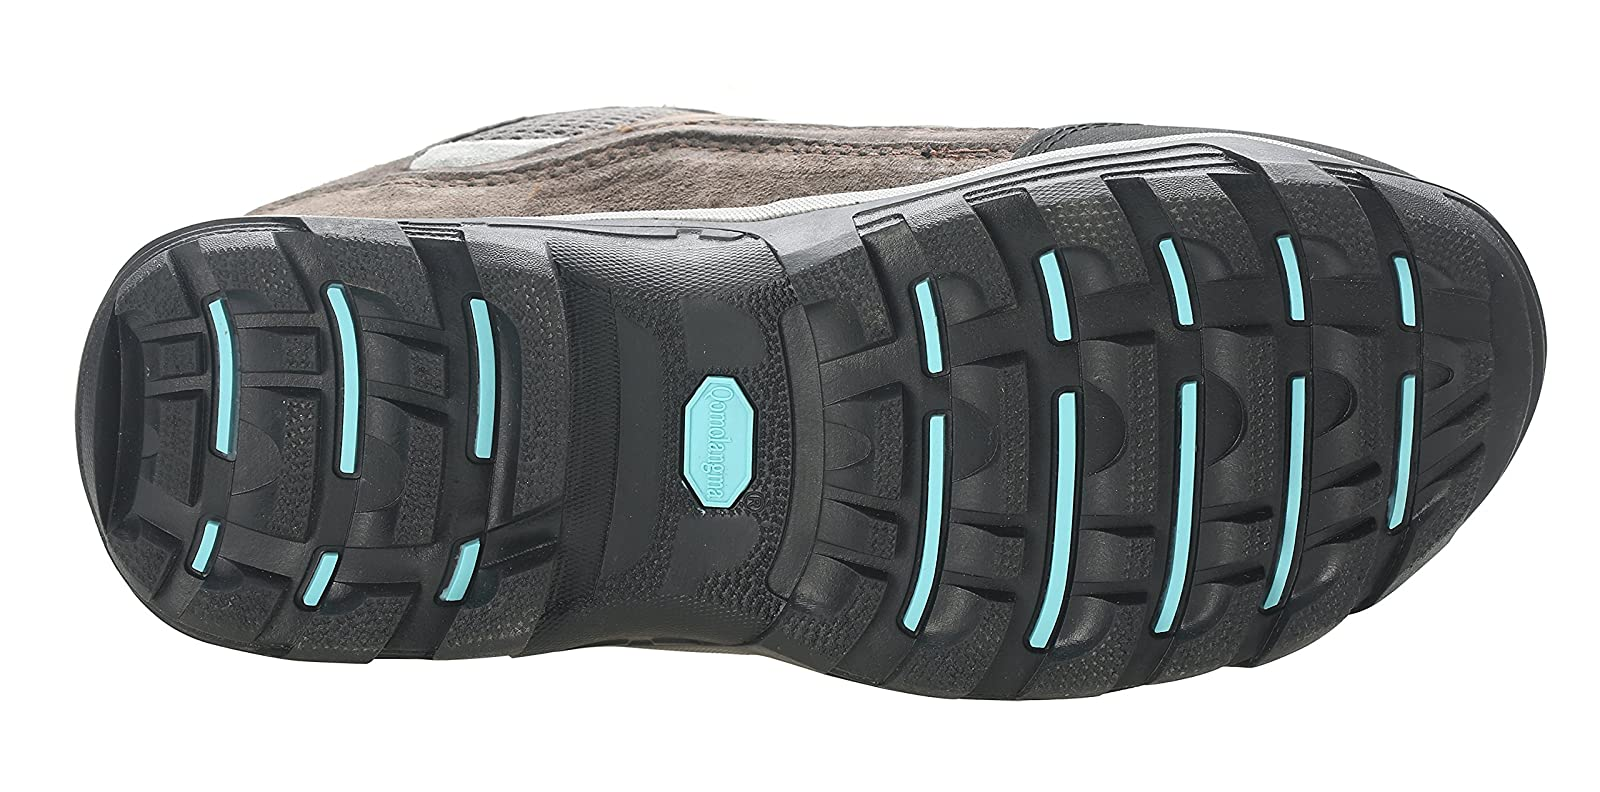 QOMOLANGMA Women's Waterproof Wide Hiking Shoes W91501 - 3